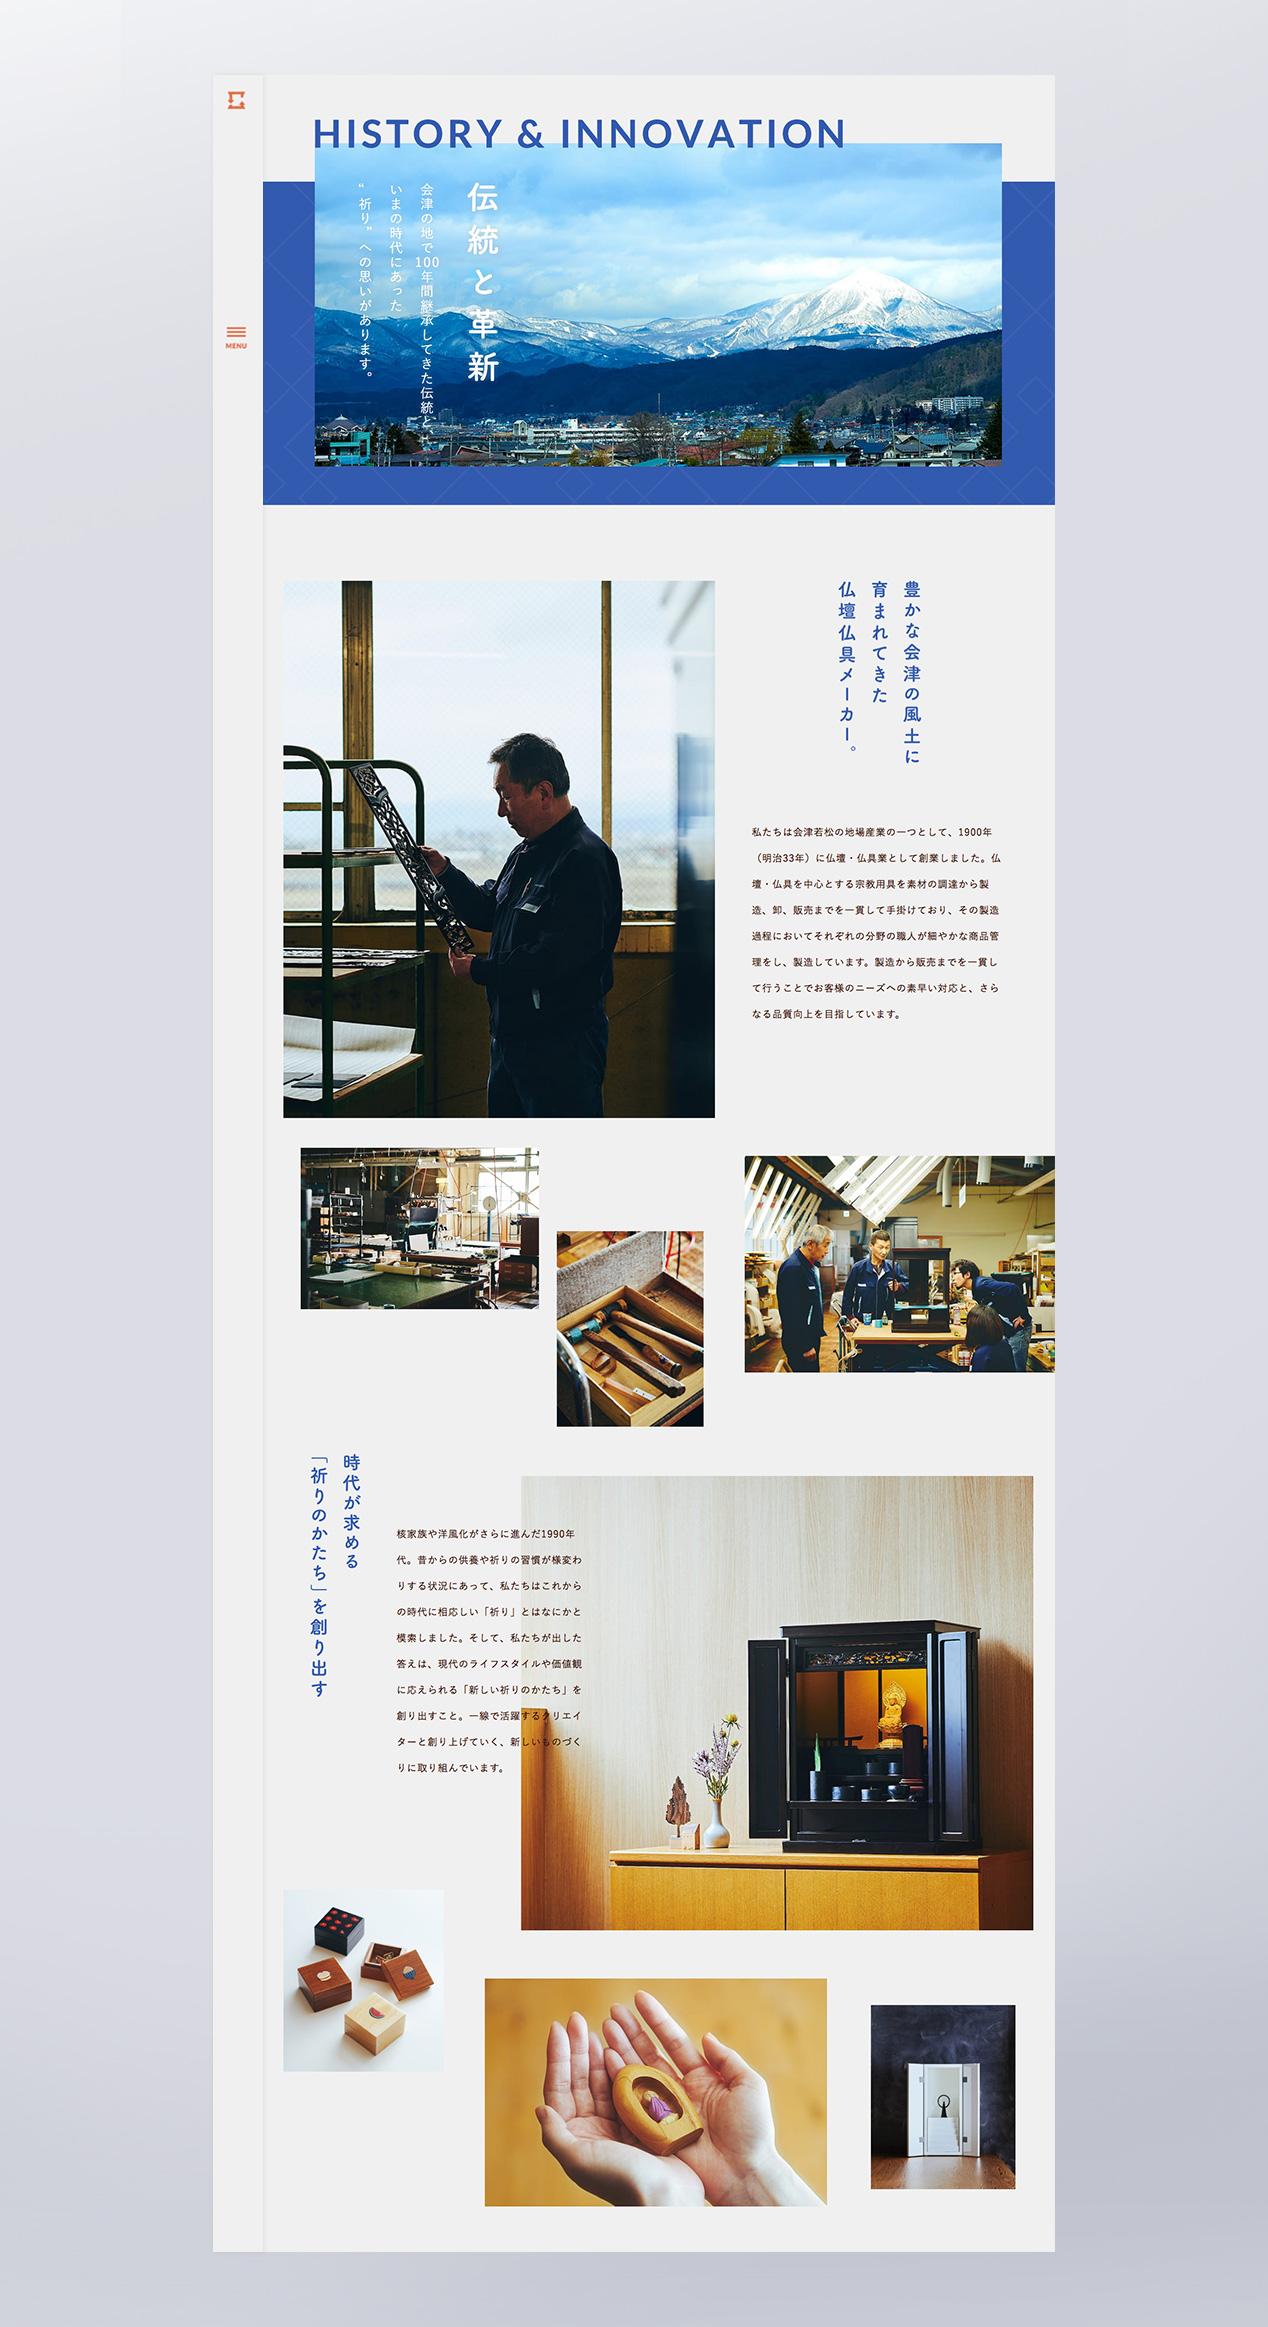 お仏壇リフォーム工房の実績画像